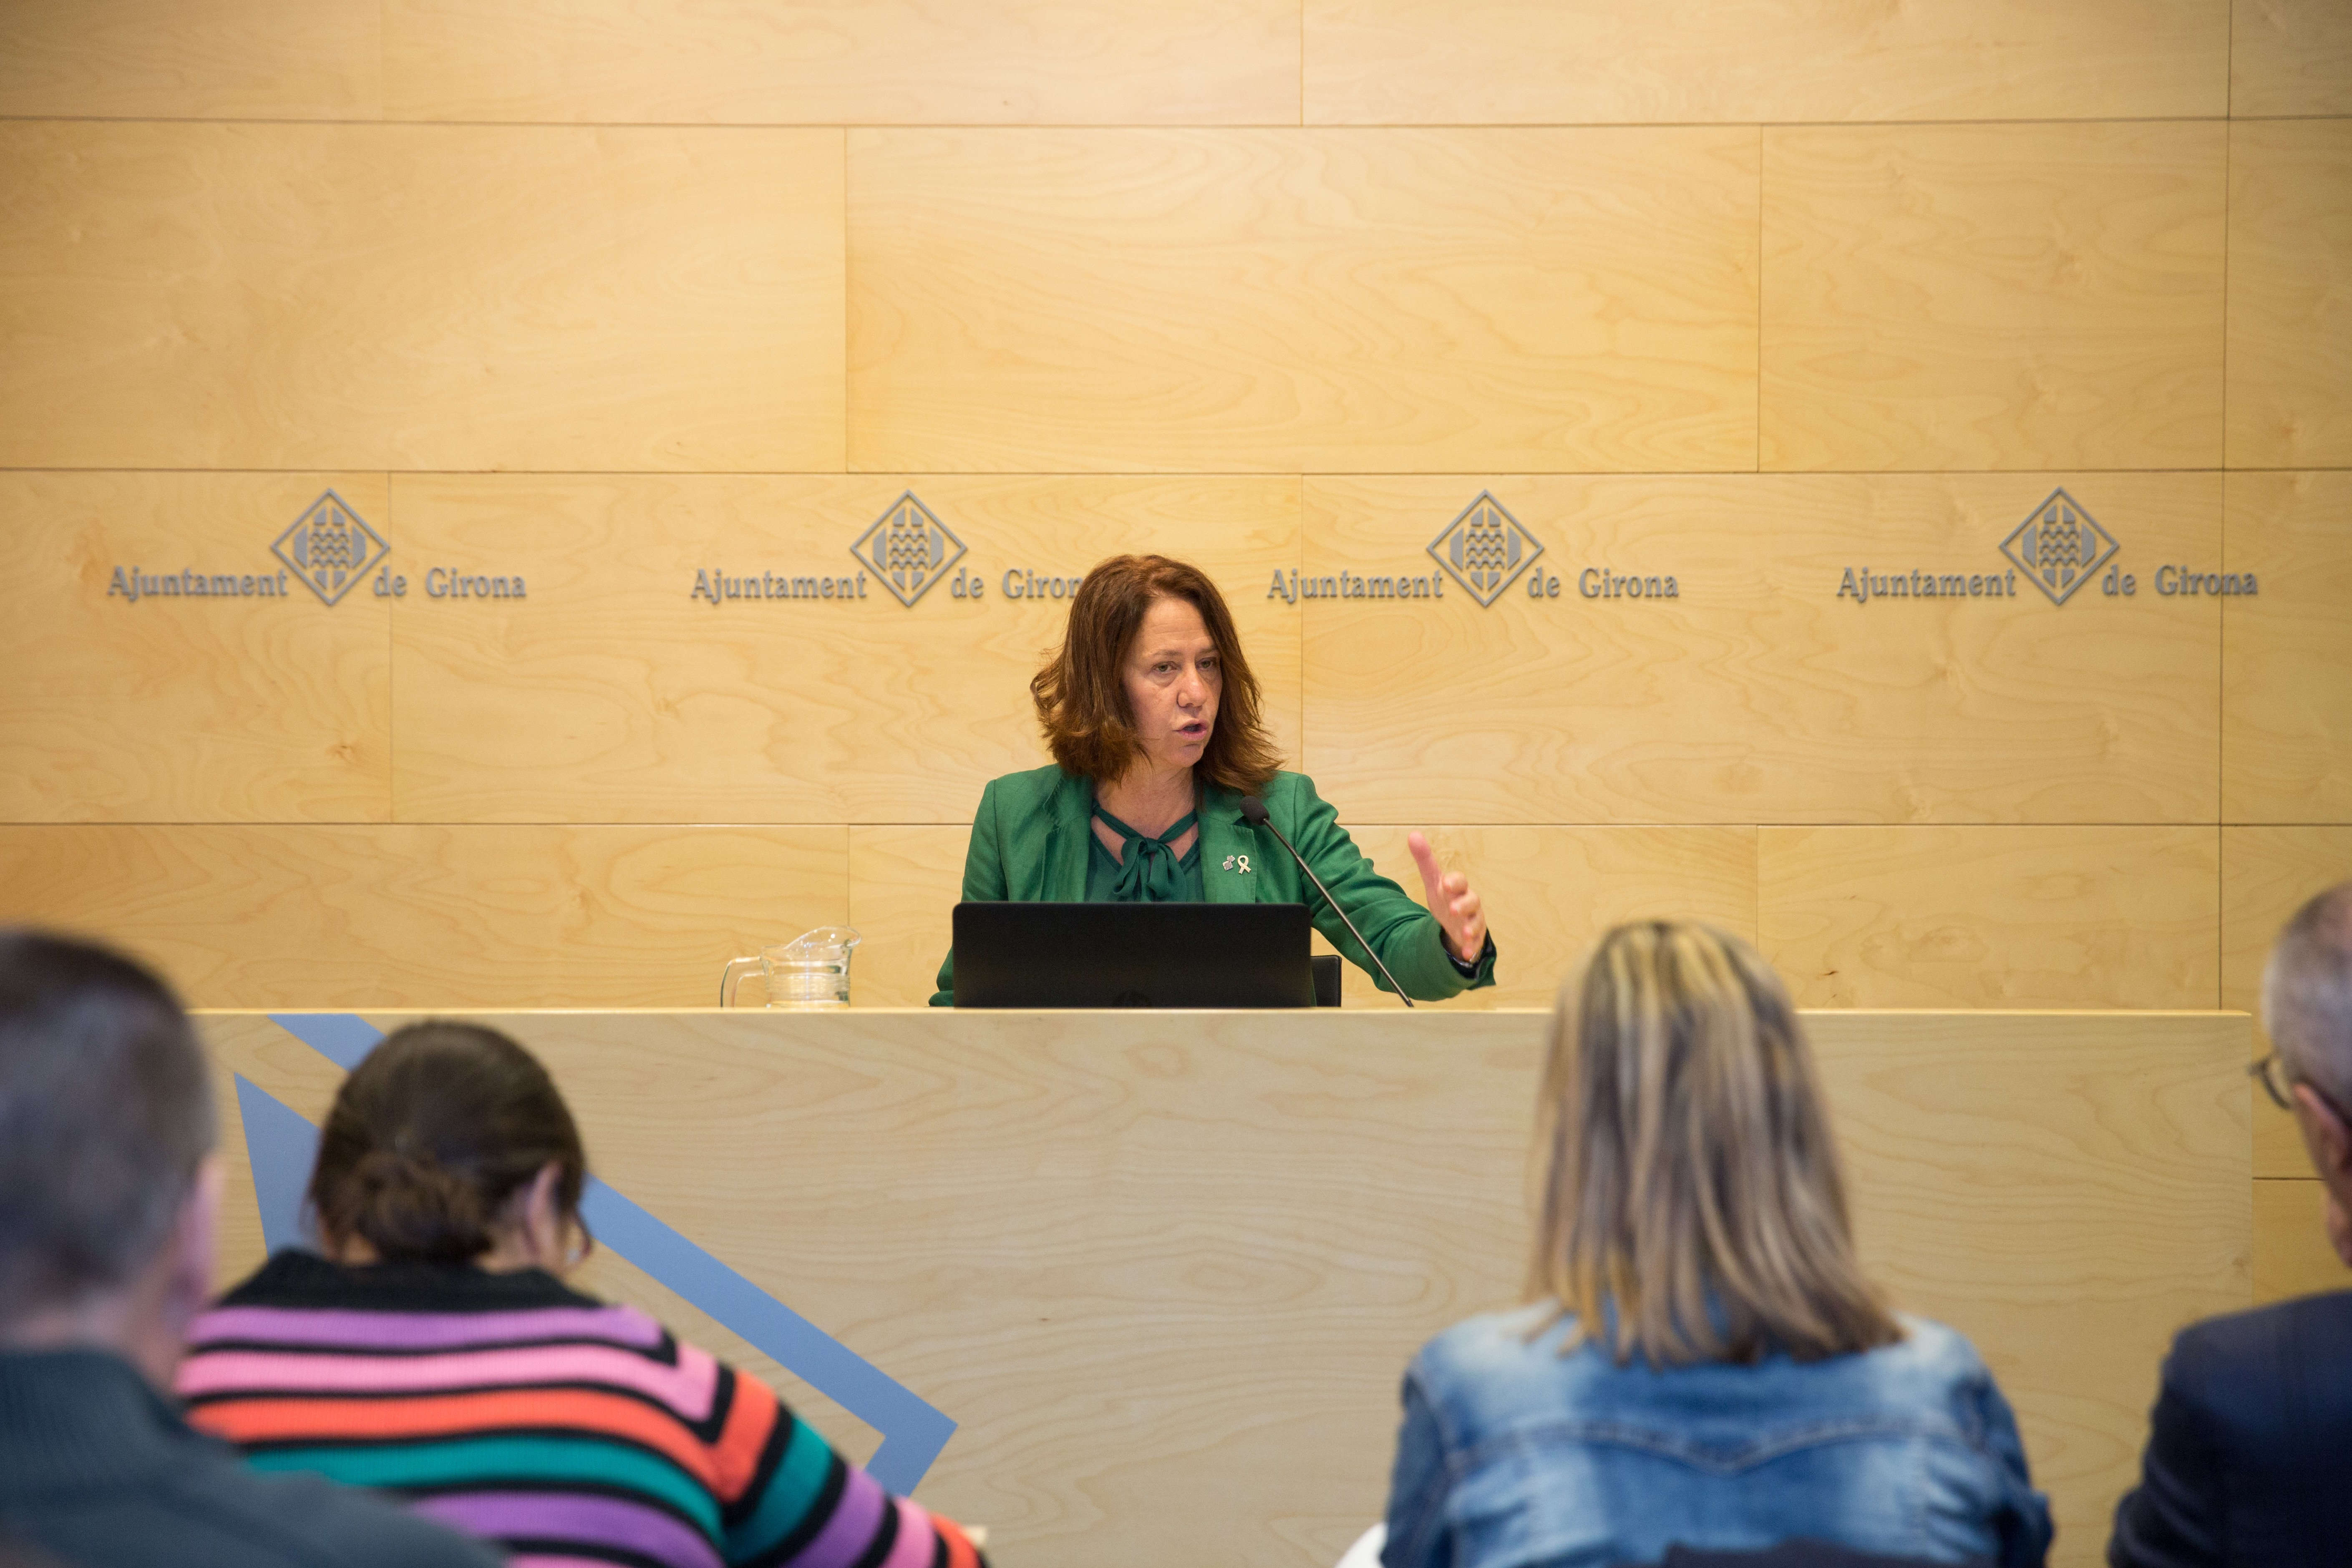 El pla de govern 2019-23 de l'Ajuntament de Girona inclou 355 mesures a complir durant aquest mandat